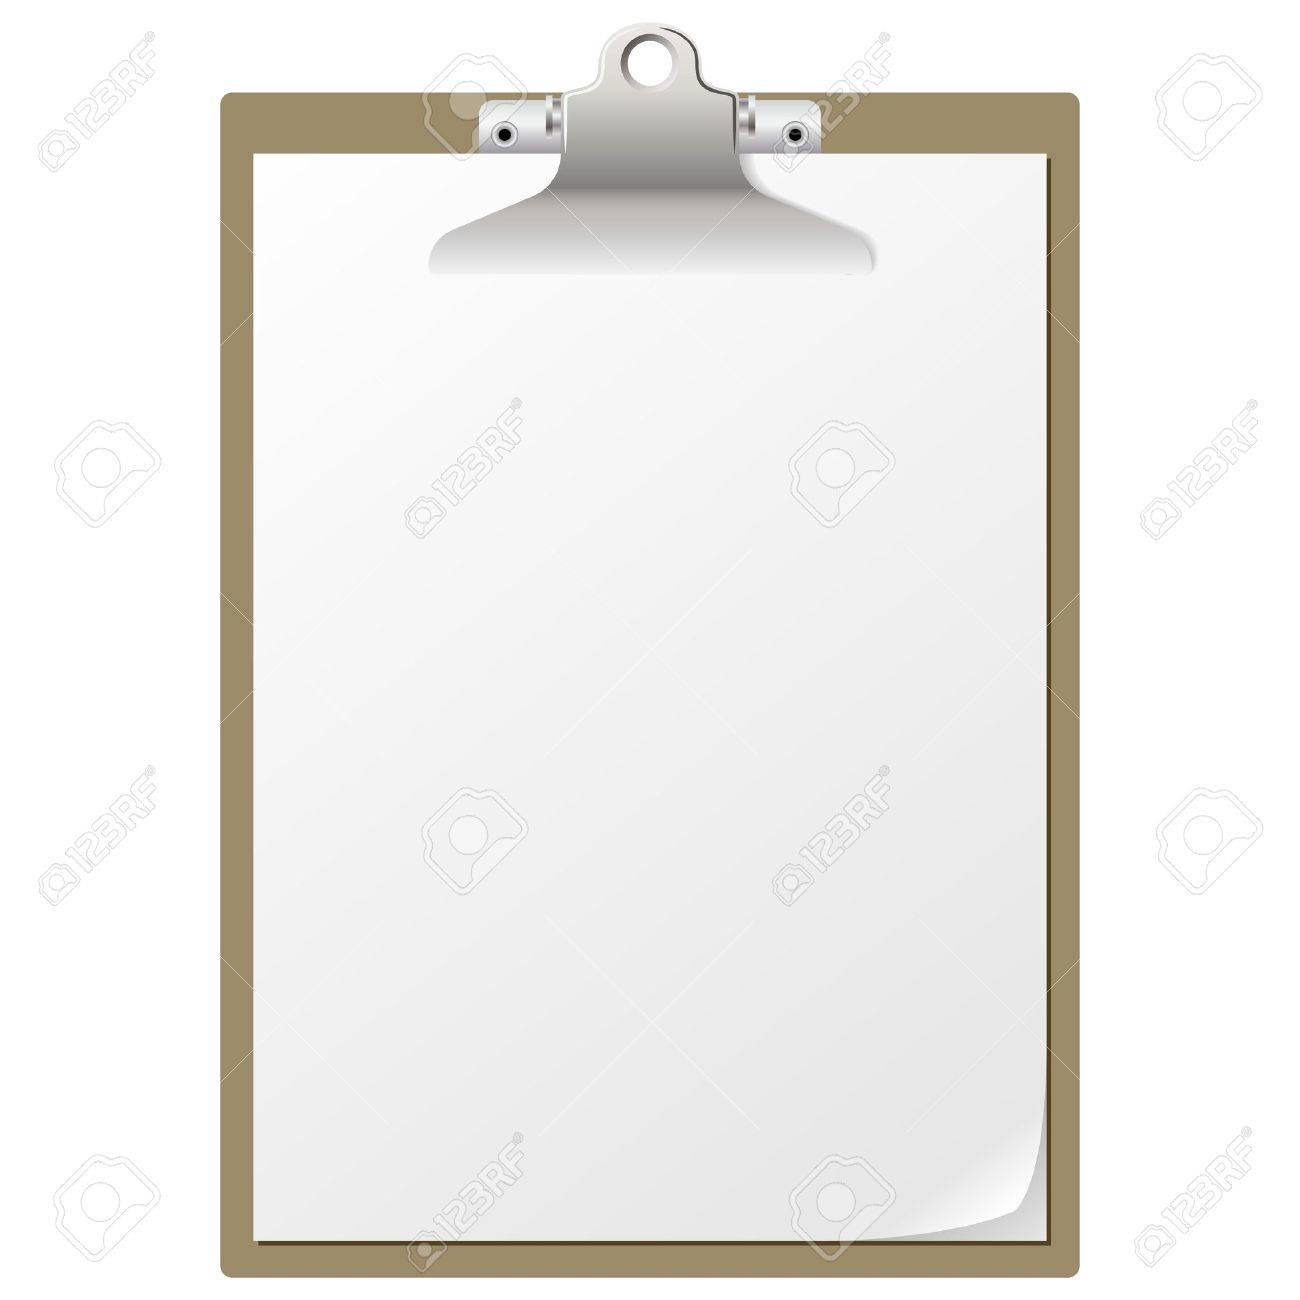 лист бумаги картинка